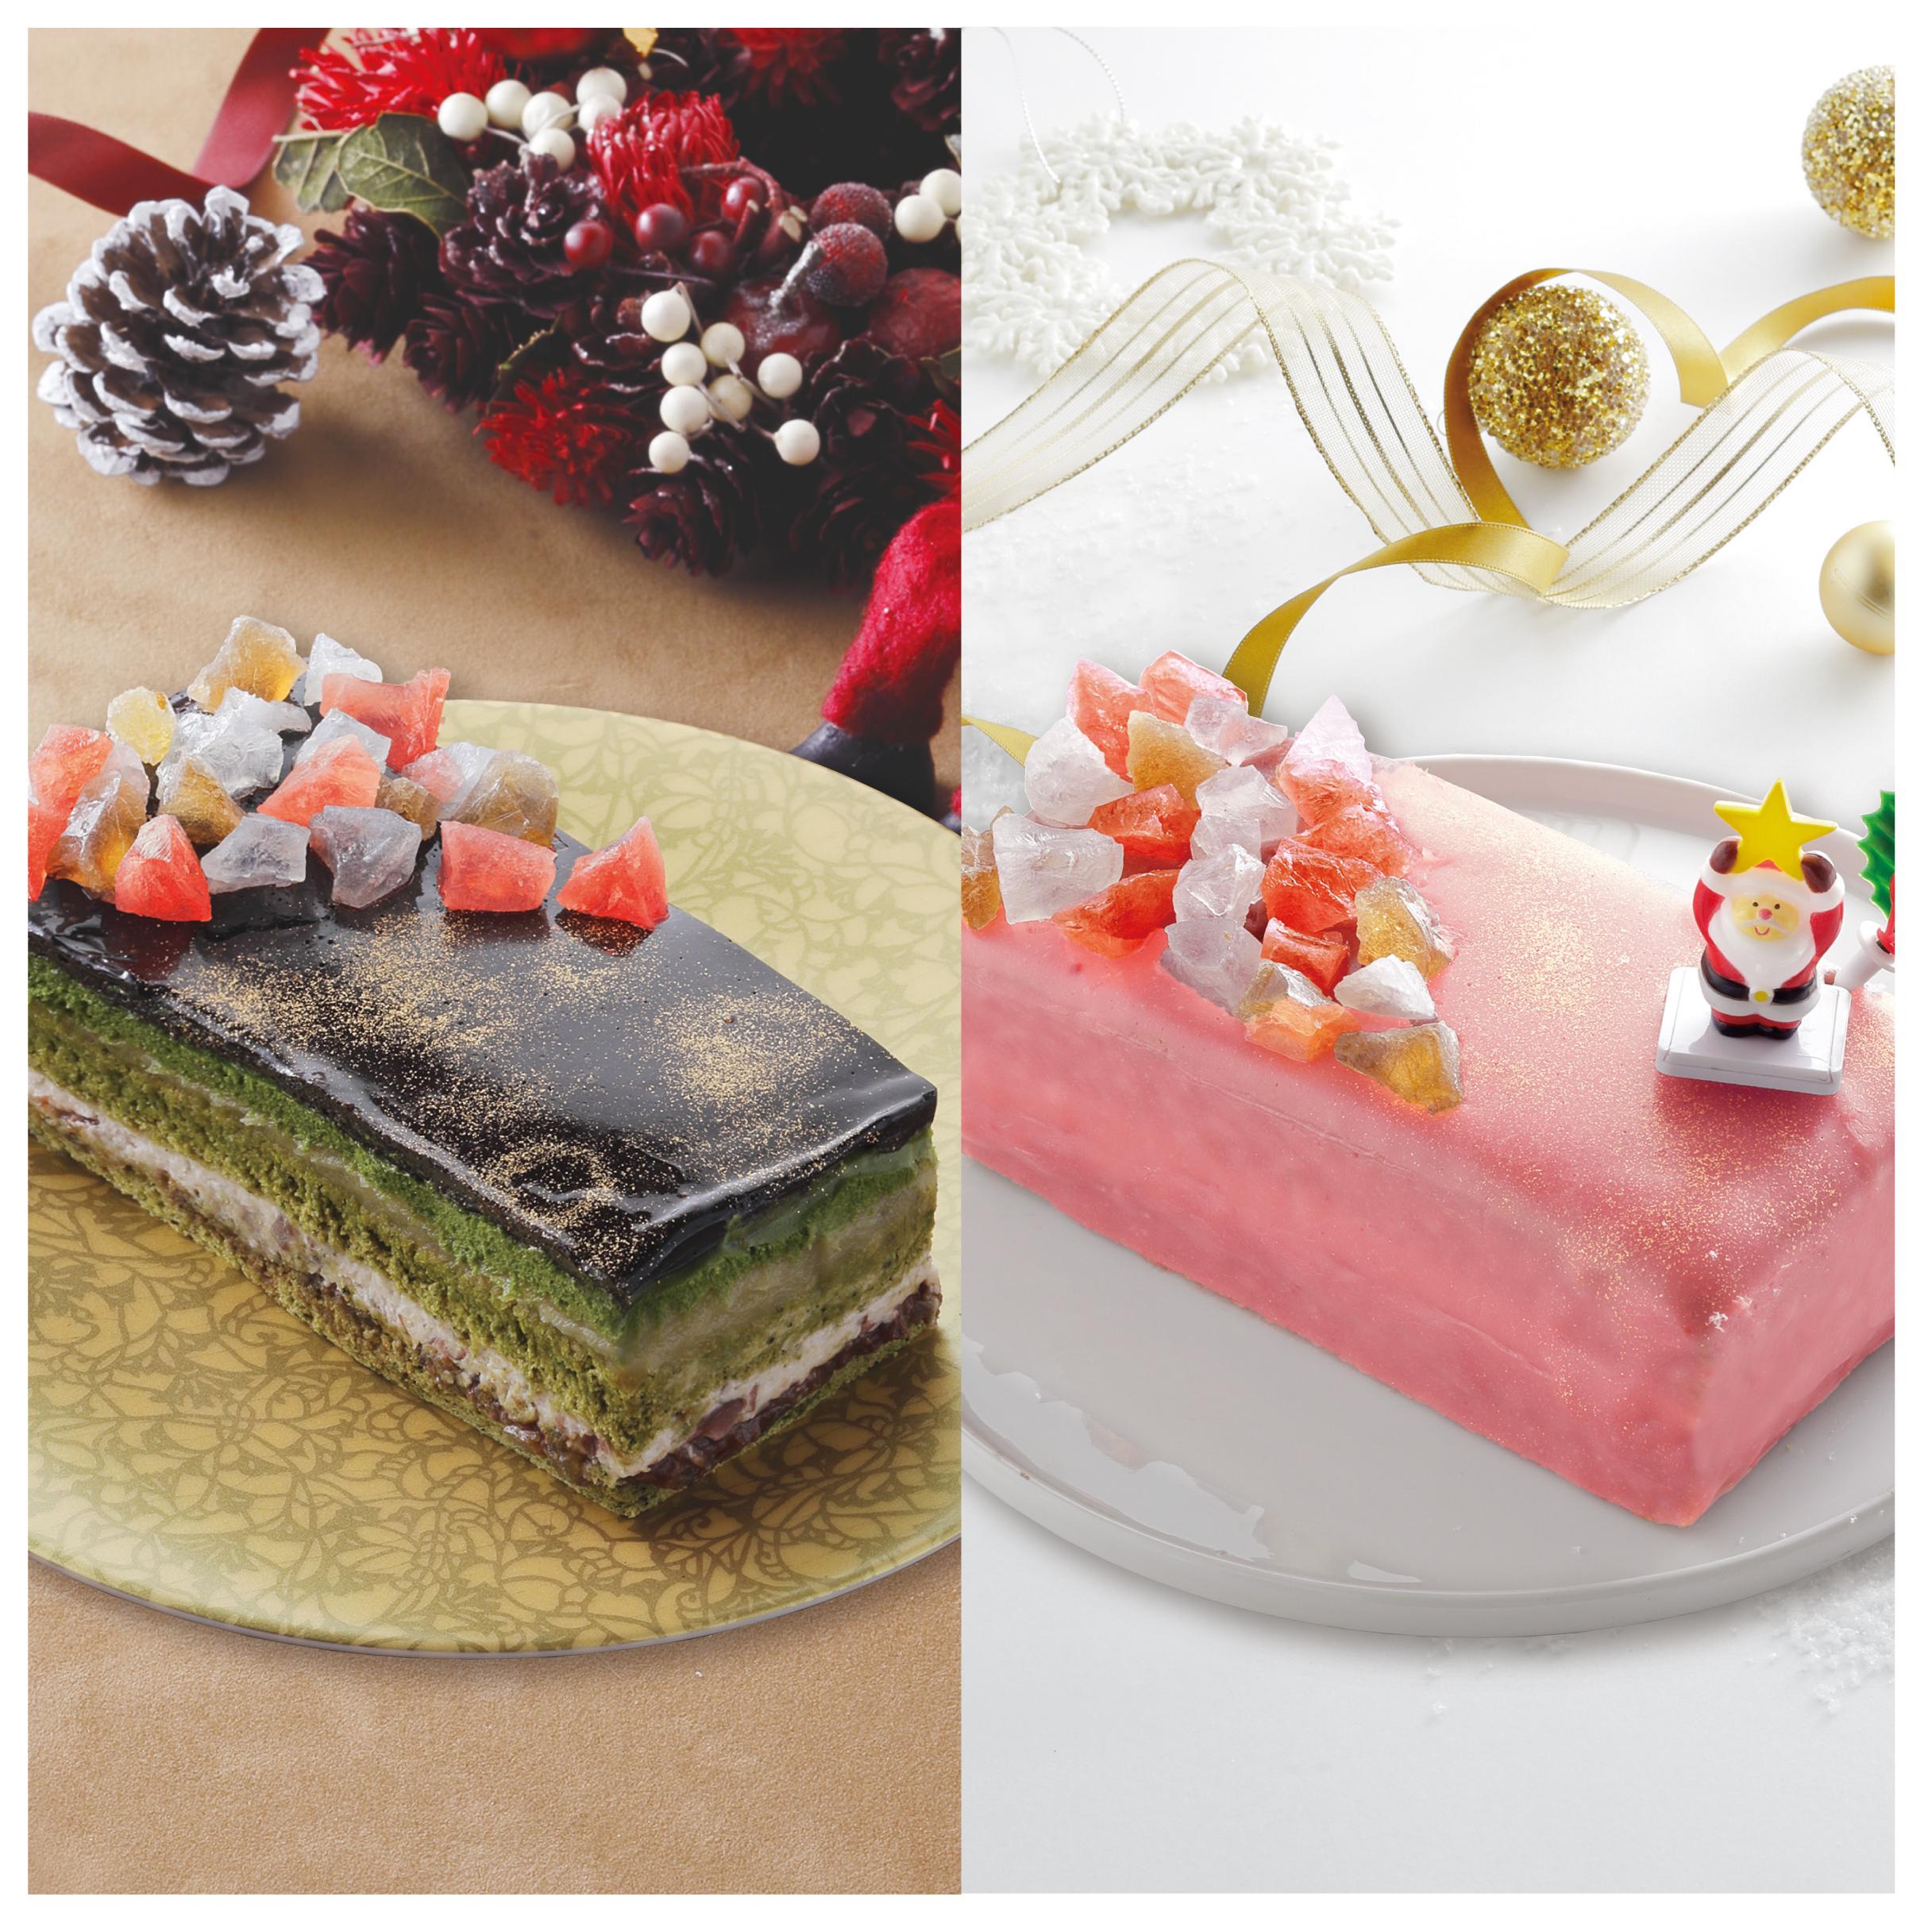 ご予約締切まであと少し! クリスマスケーキのご案内 vol.2